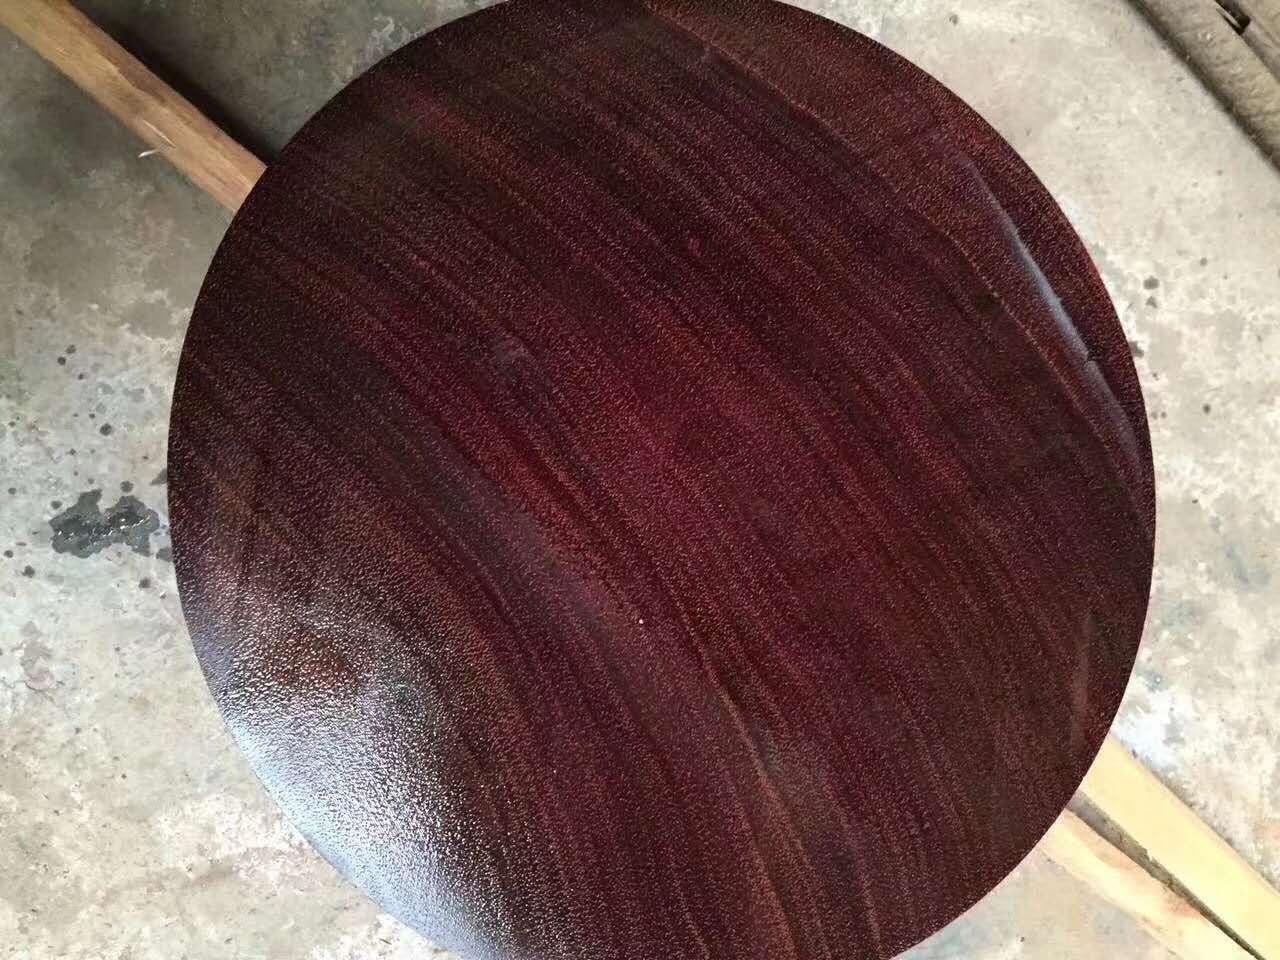 红铁木 红铁木 红铁木价格 红铁木 加工 红铁木,户外精品耐腐耐磨红铁木尺 红铁木,耐腐耐磨红铁木尺寸加工